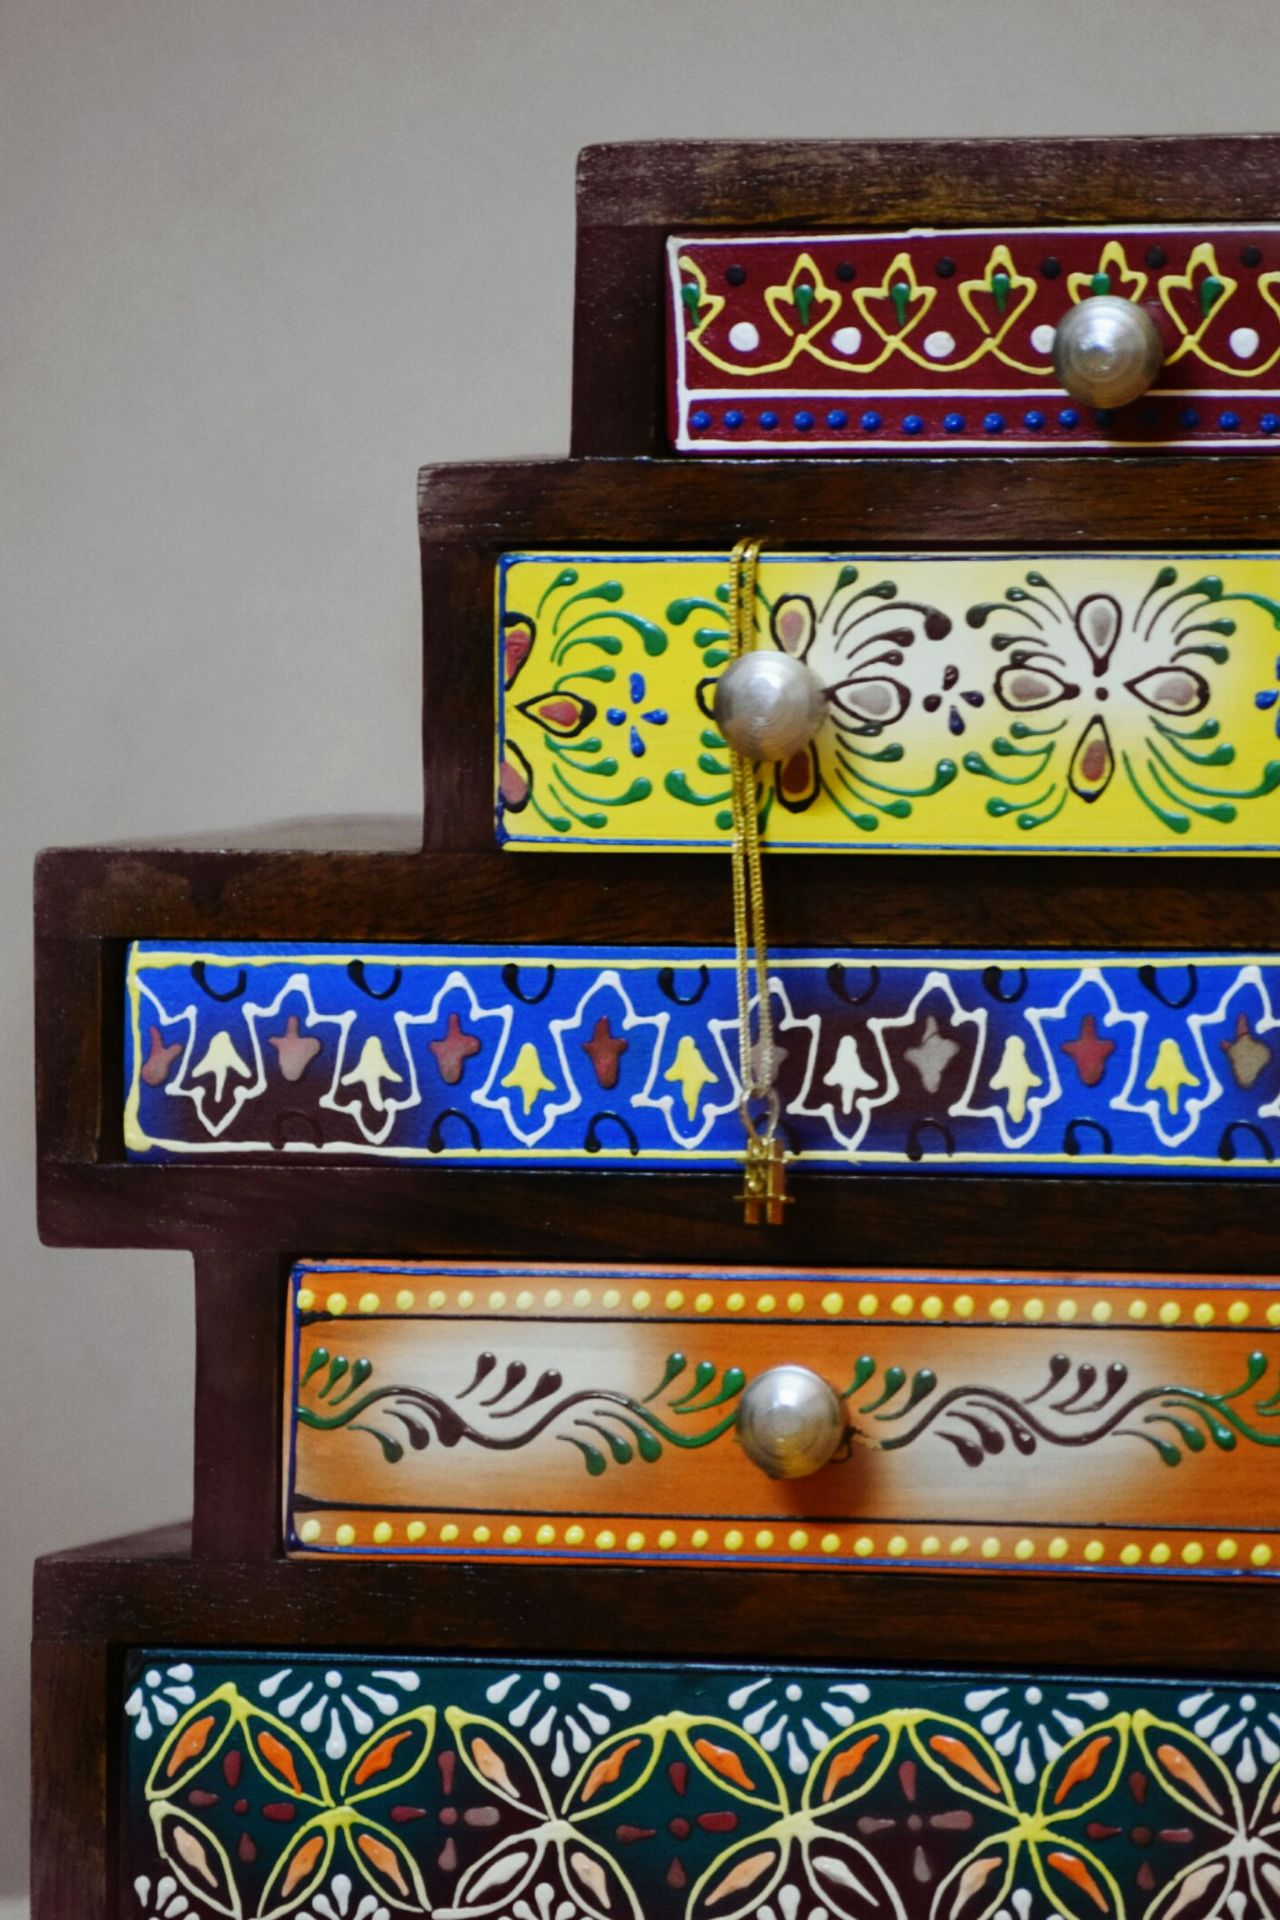 Jewelry Box Indoors  Close-up No People Handmade Beautifully Organized Handicraft Indianhandicraft Chestofdrawers Miniature